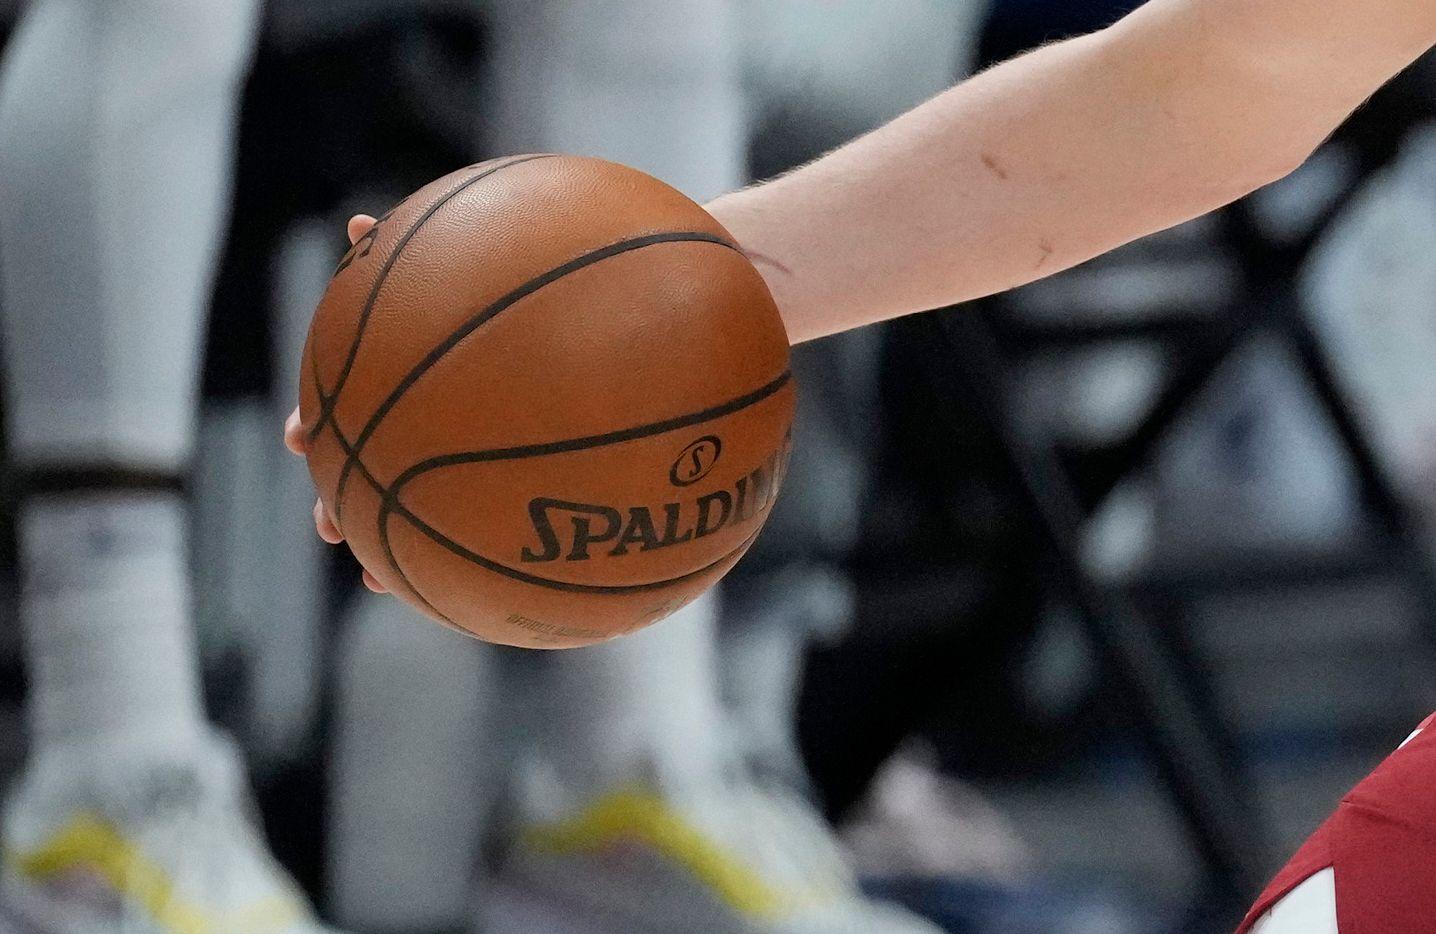 Un acto discriminatorio se suscitó en un juego de baloncesto de preparatoria.